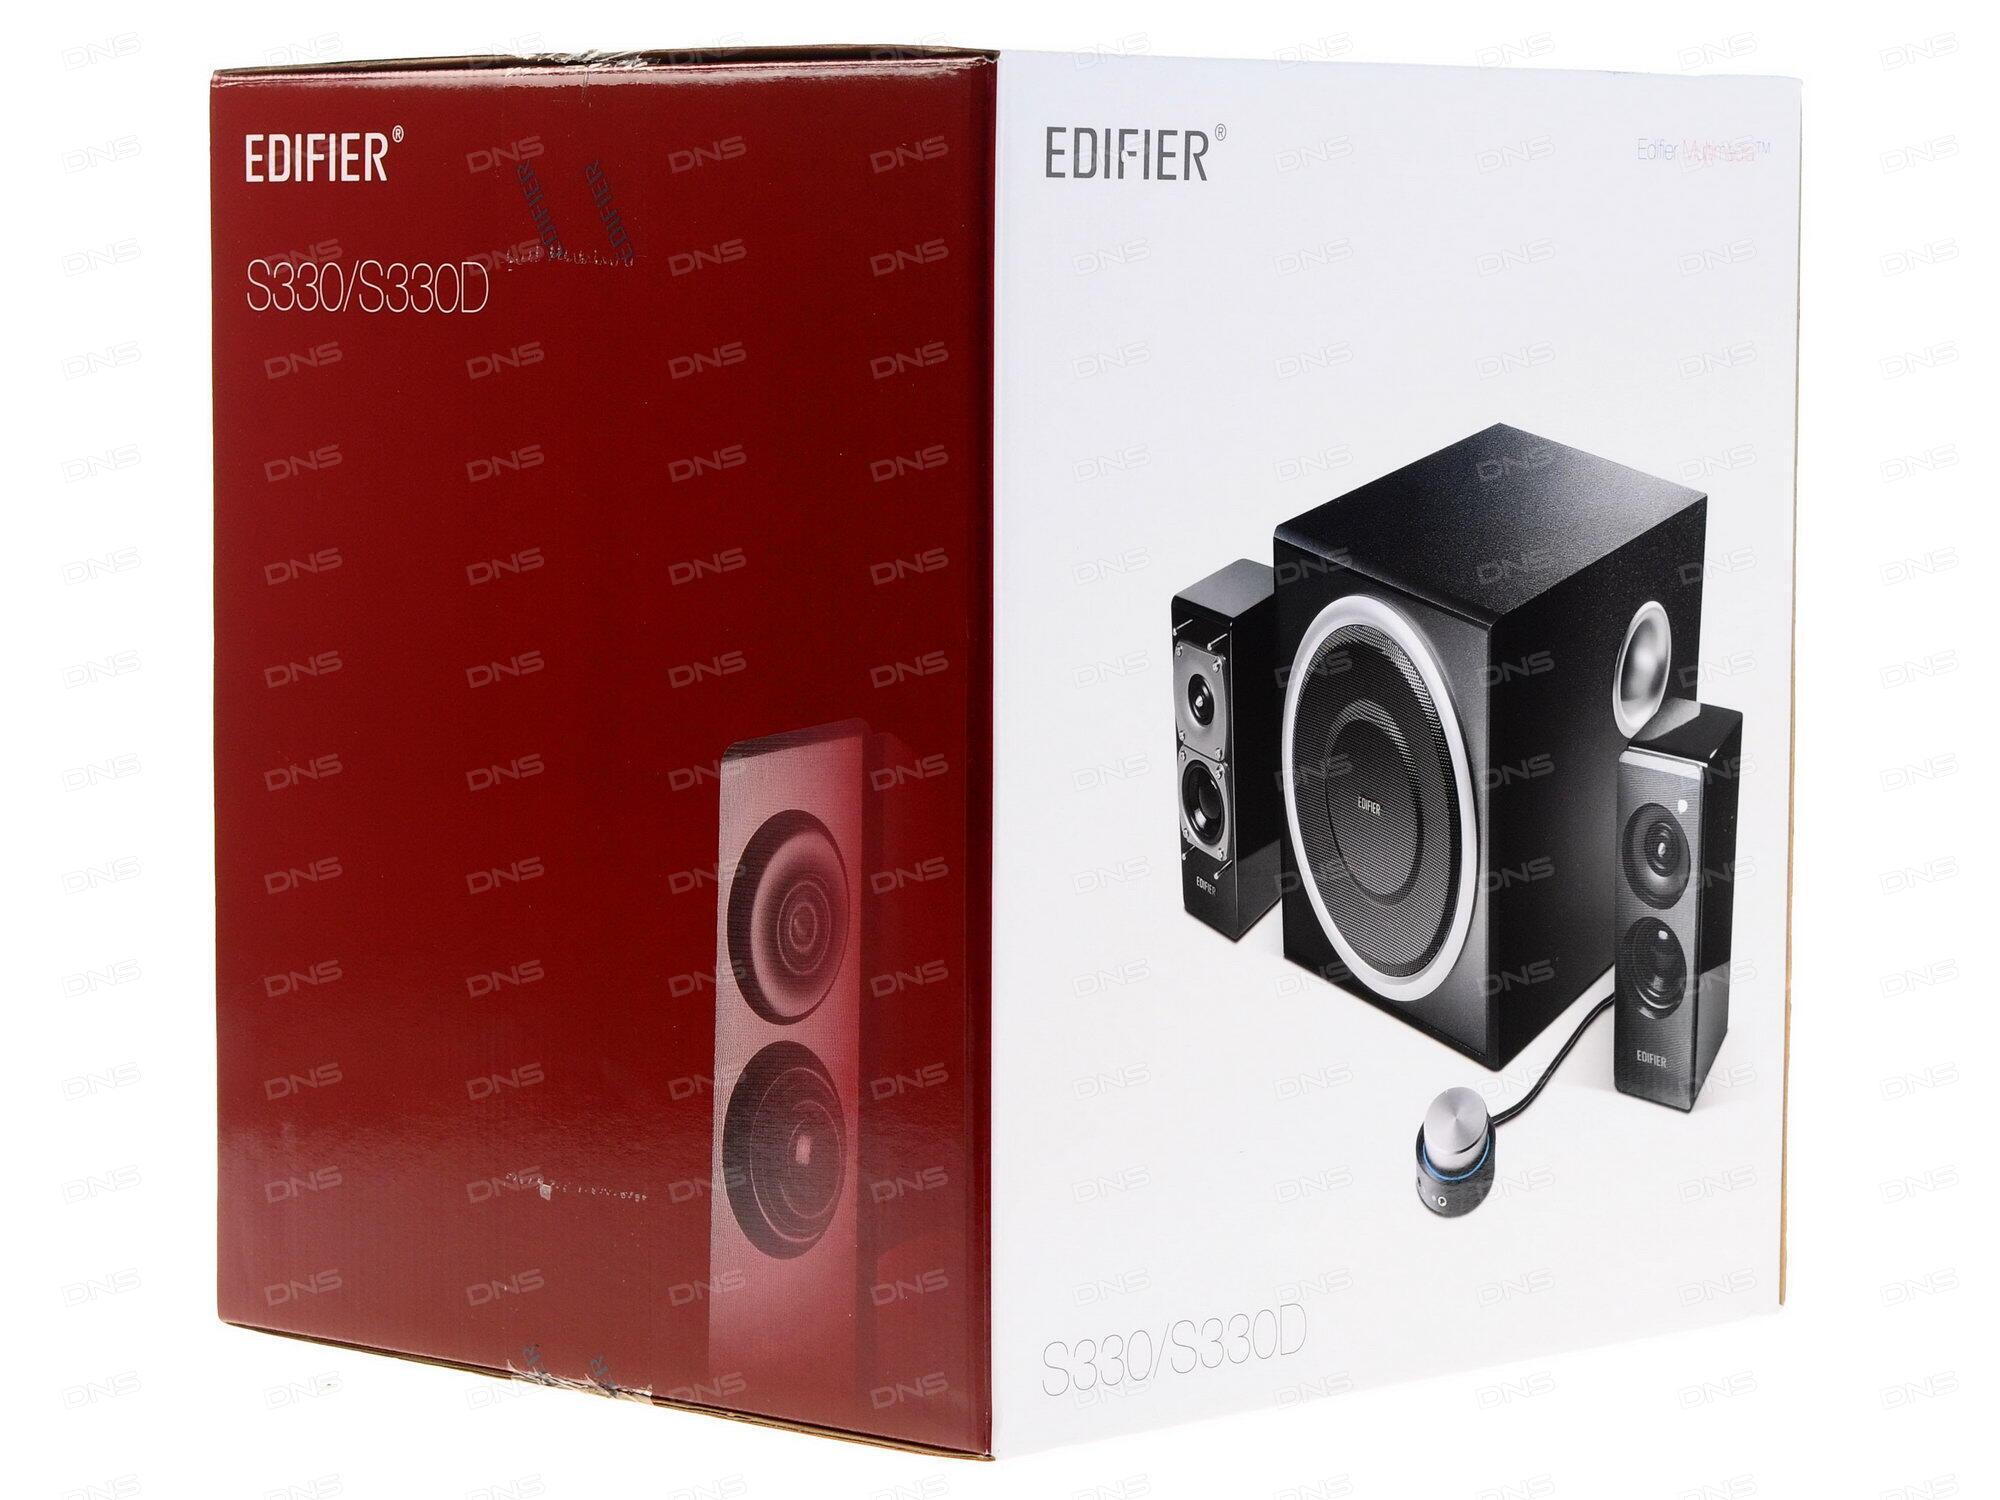 Производитель: edifier; вых мощность (вт): 128; система звучания: 20 (стерео); дополнительно: hi-fi пульт ду